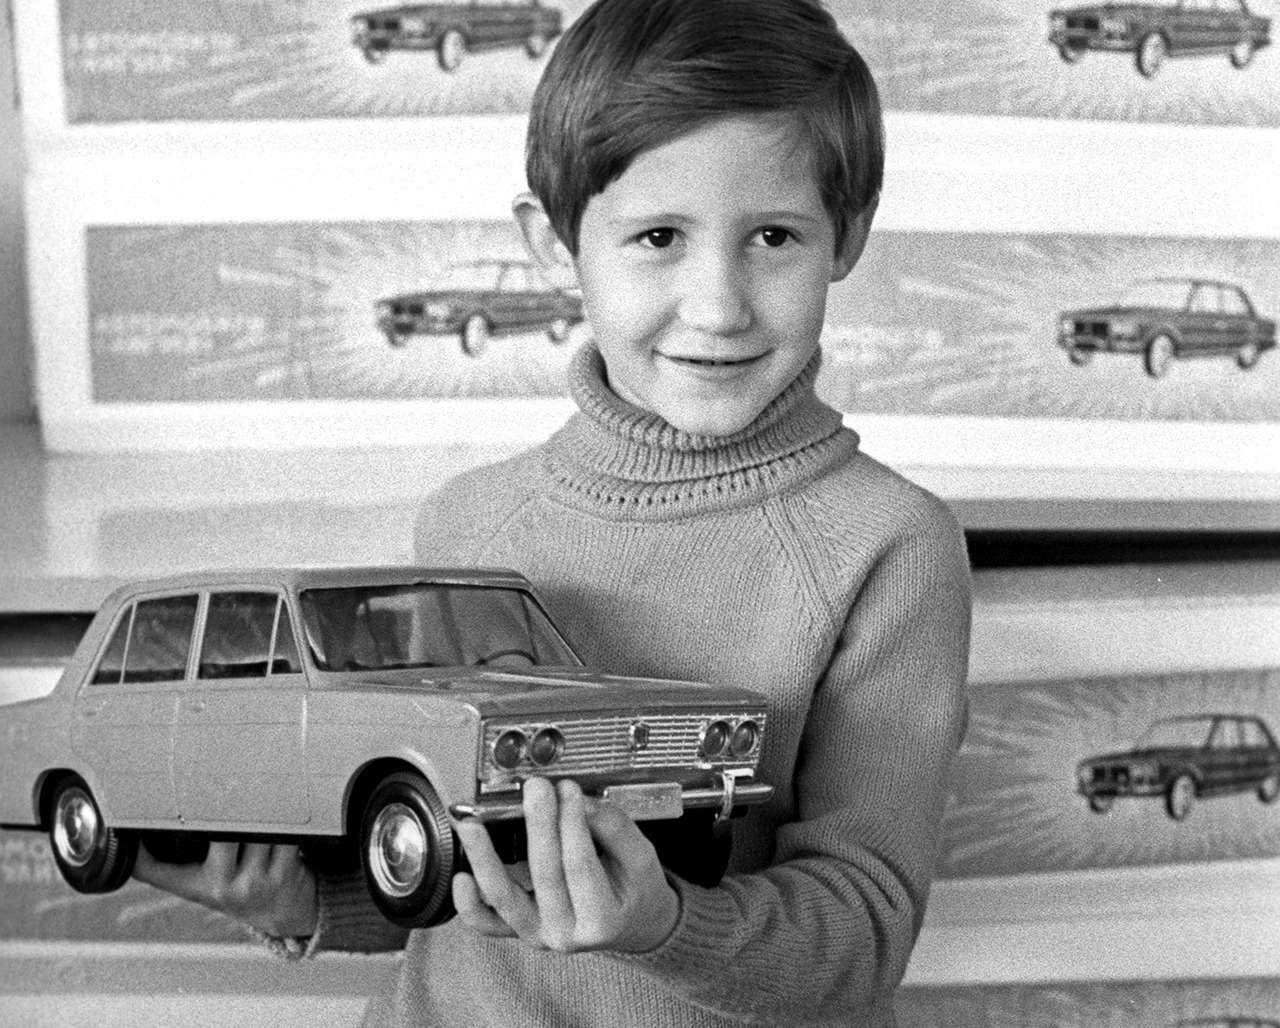 Лада за1,5млн, шины позаписи, 40коп./литр... Ачто выпомните про 80-е?— фото 1153393